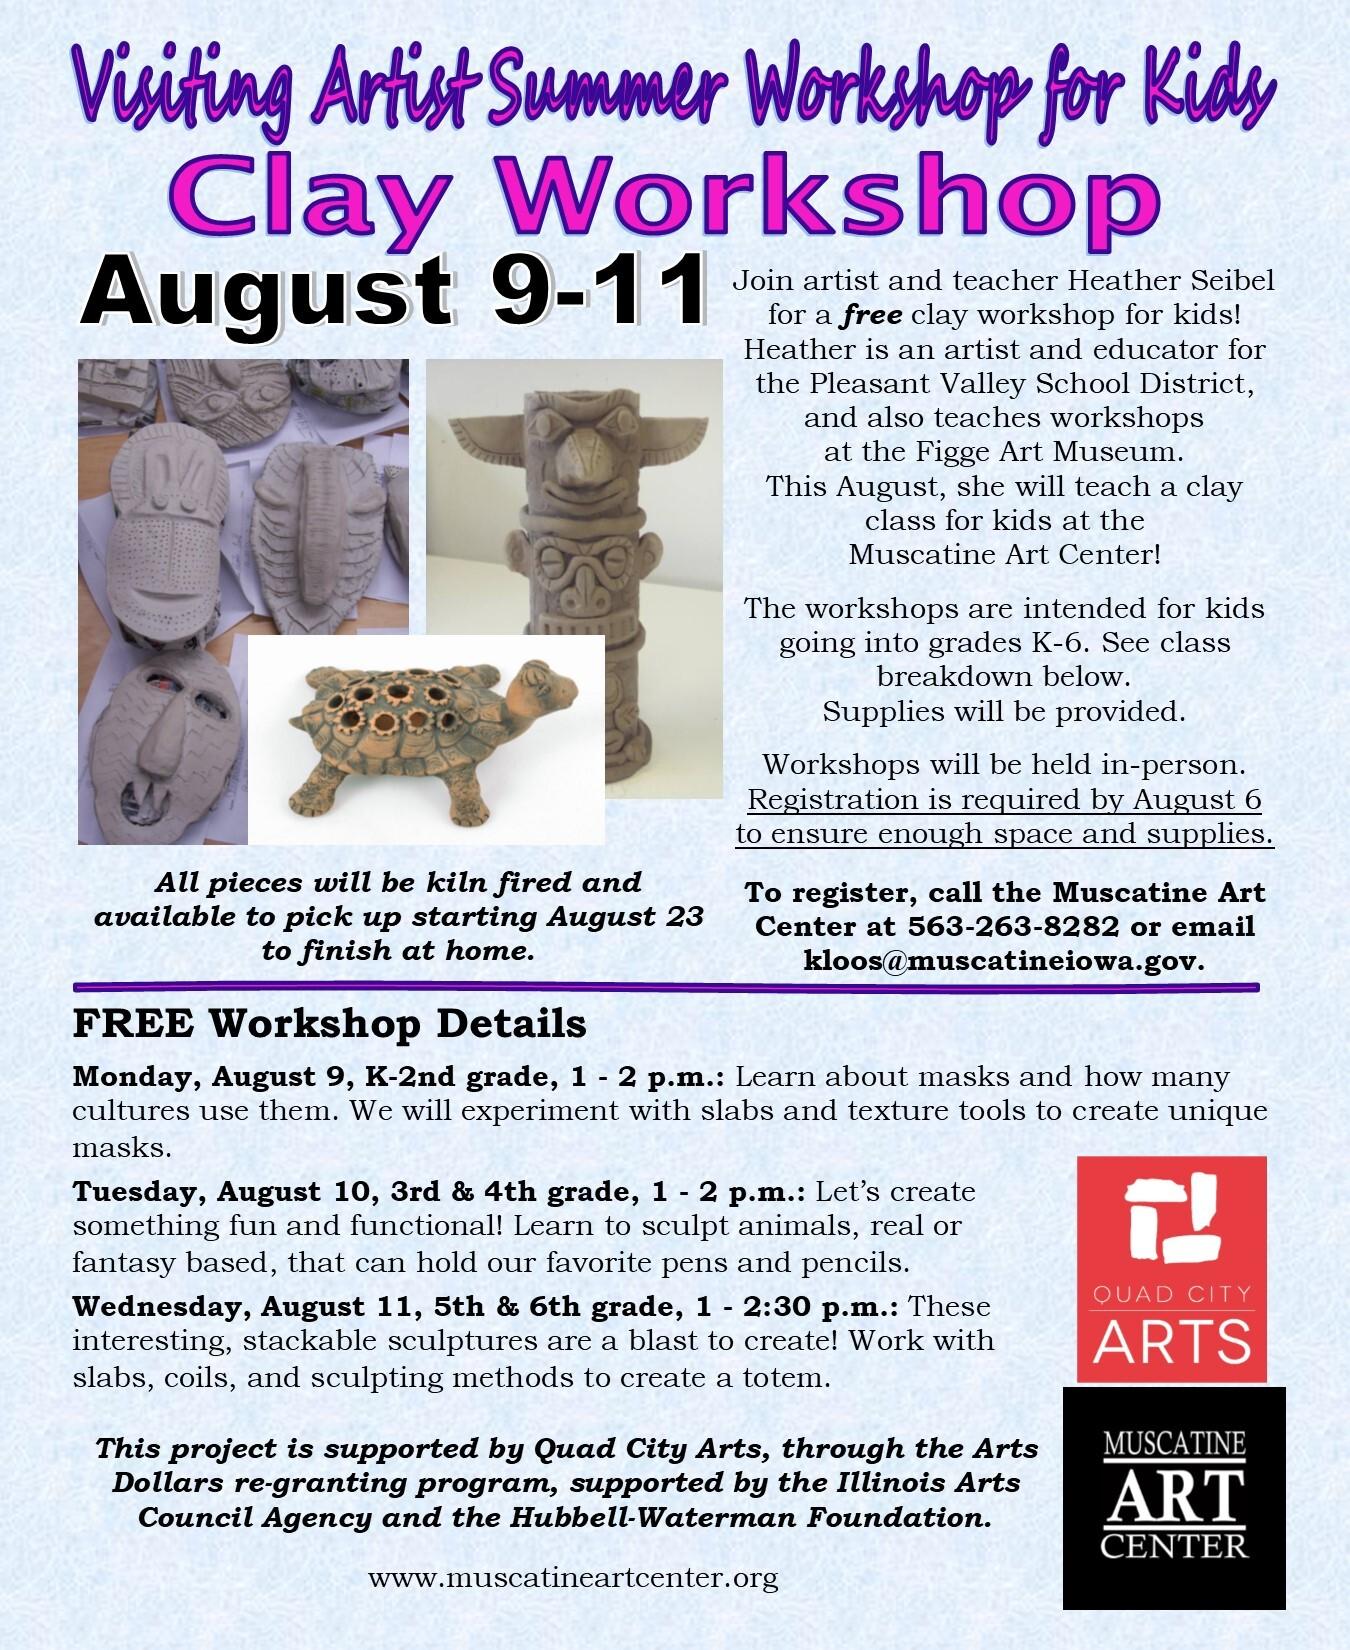 Visiting Artist Summer Workshop for Kids- Clay Workshop, August 9-11 Image